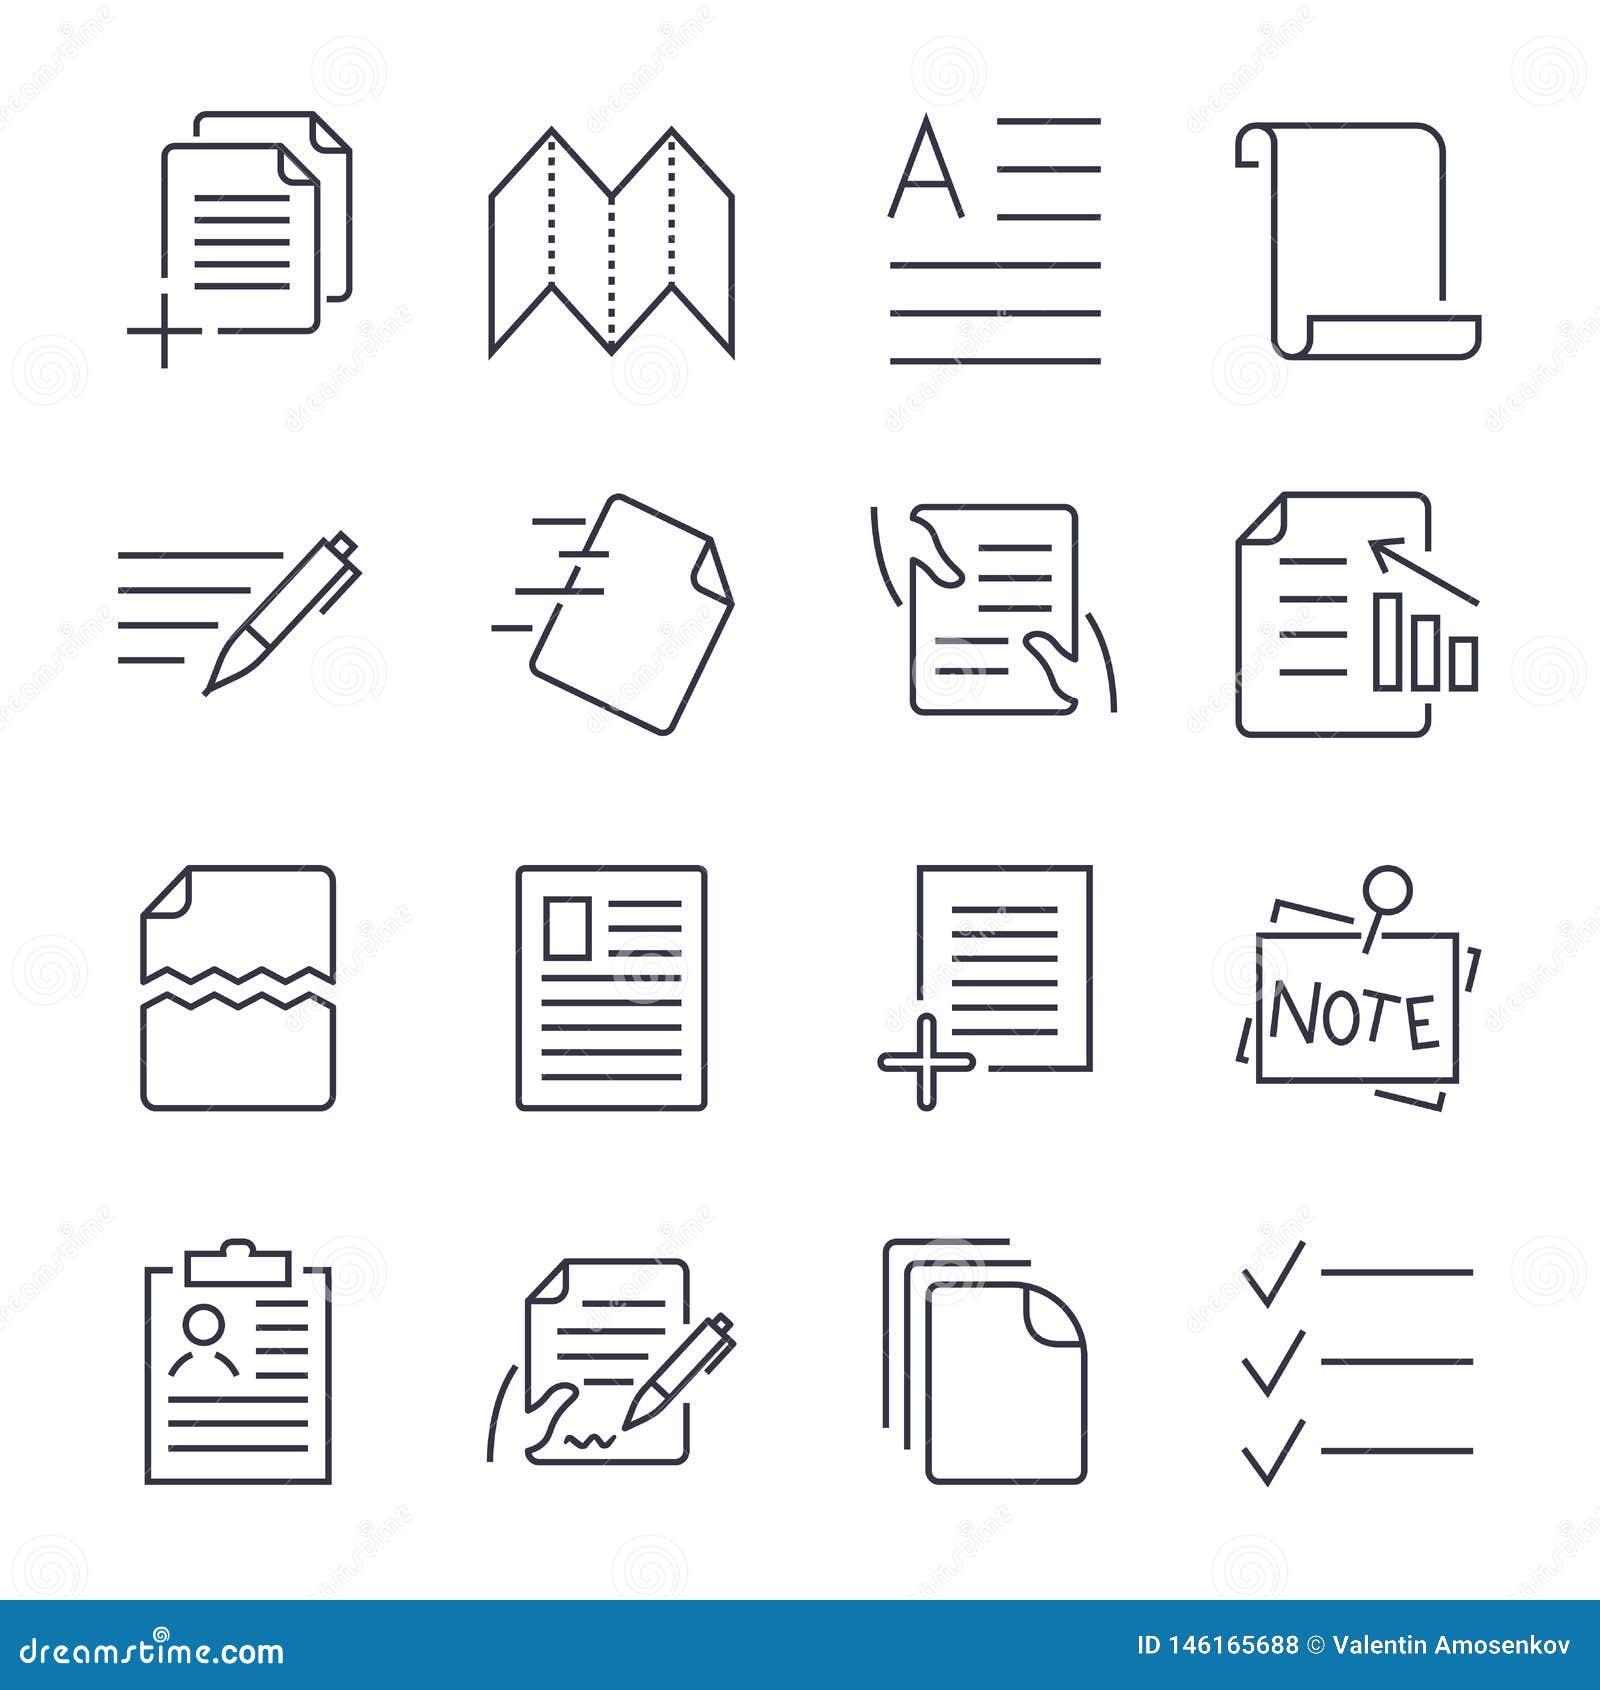 Απλό σύνολο εικονιδίων εγγράφων Περιέχει τέτοια εικονίδια όπως η επεξεργασία κατά δεσμίδες, νομικά έγγραφα, περιοχή αποκομμάτων,